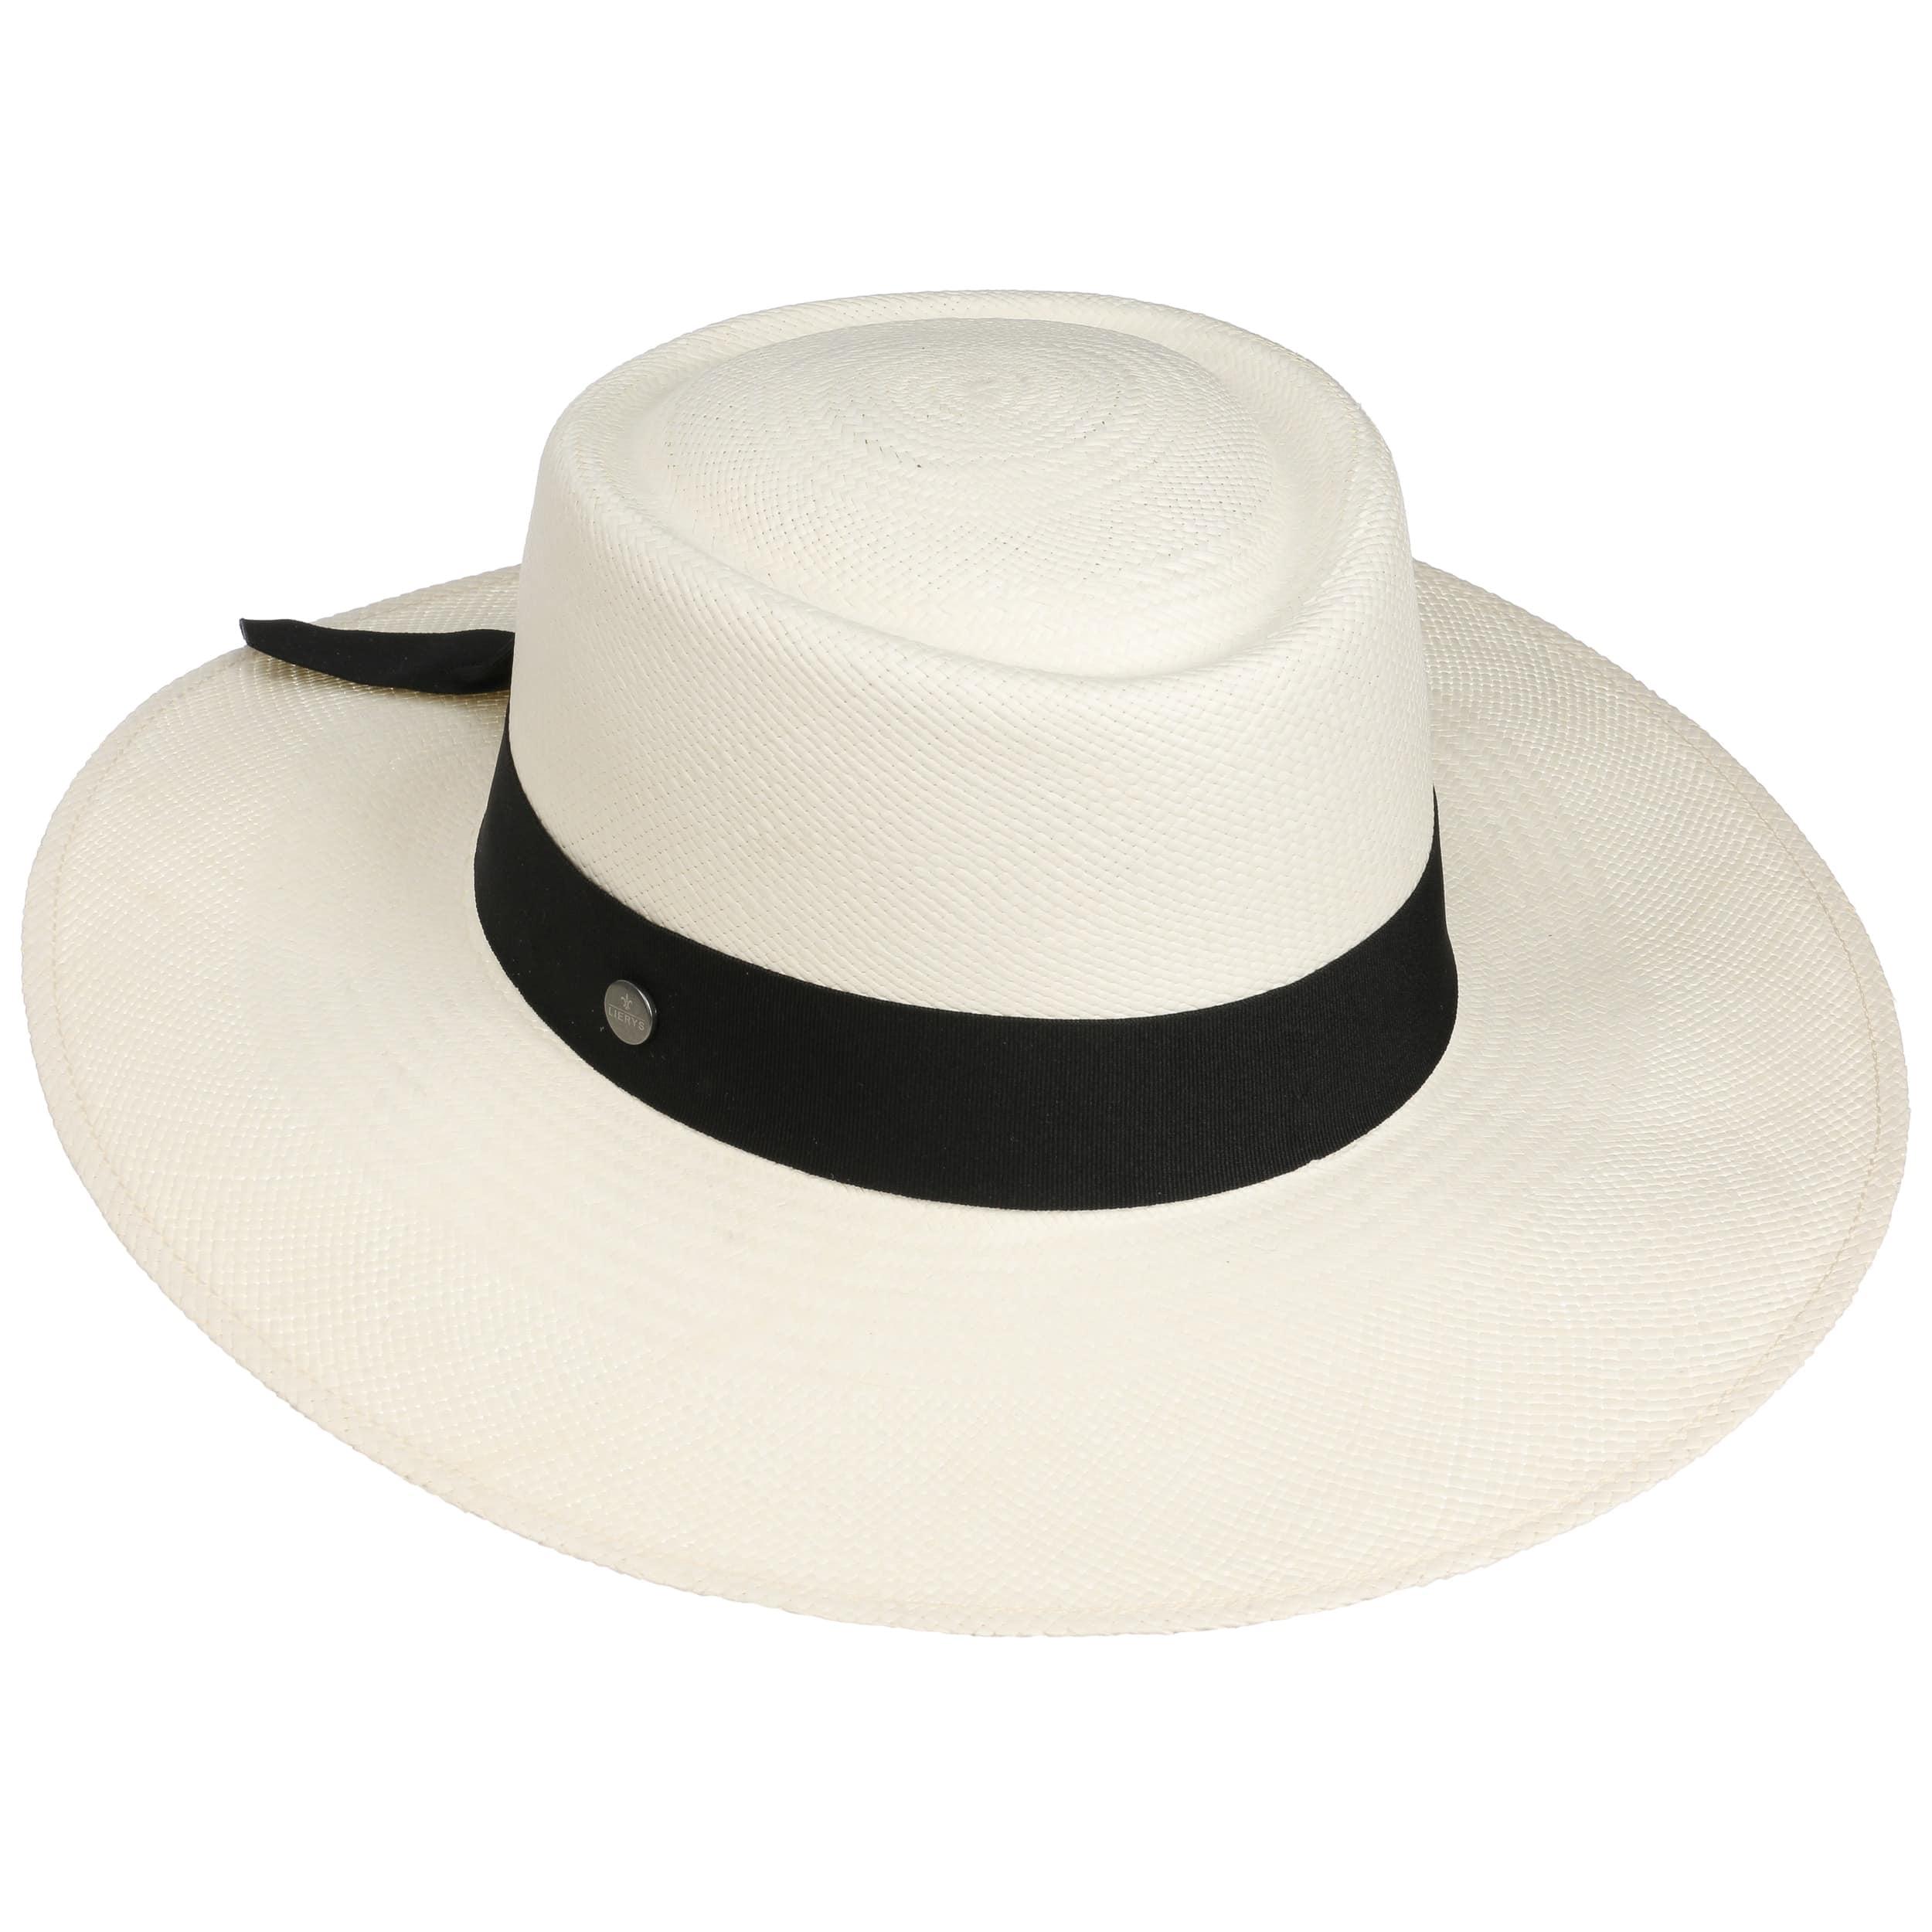 864754dad5319 Sombrero Panamá de Mujer Bolero by Lierys - Sombreros - sombreroshop.es